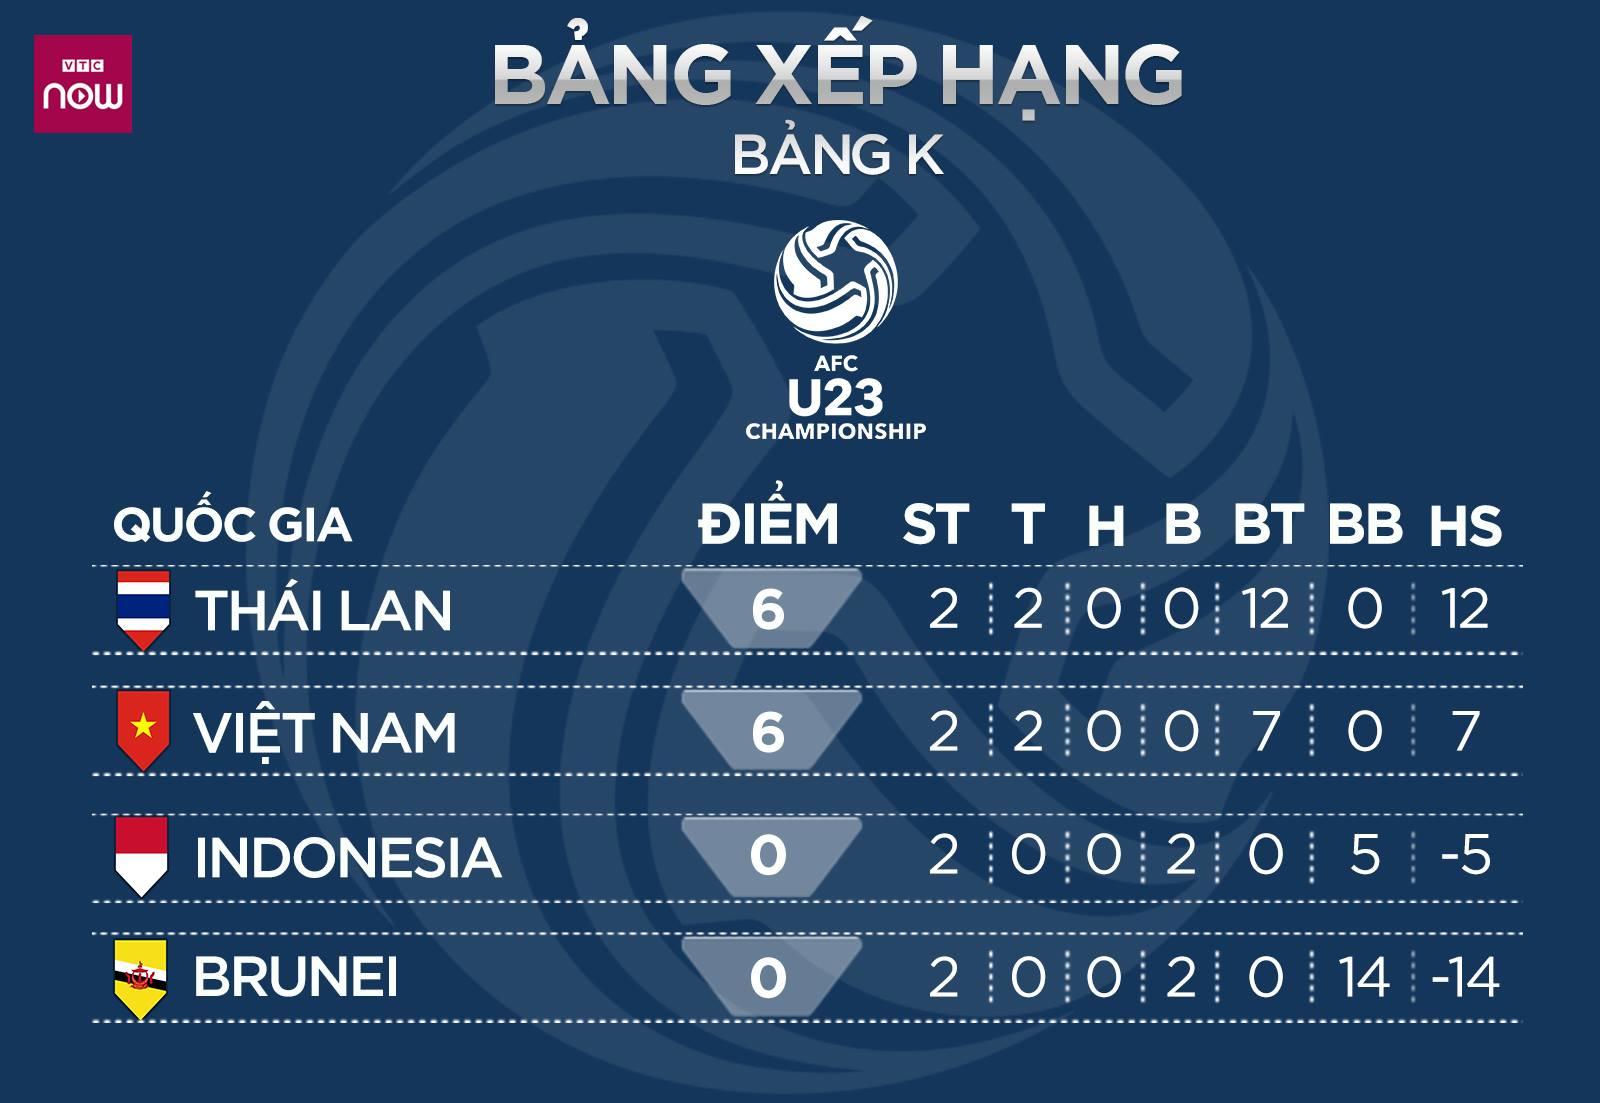 Lịch thi đấu U23 châu Á, lich thi dau vong loai u23 chau a, lich thi dau u23, lịch thi đấu u23 việt nam, lịch thi đấu u23 việt nam vs thái lan